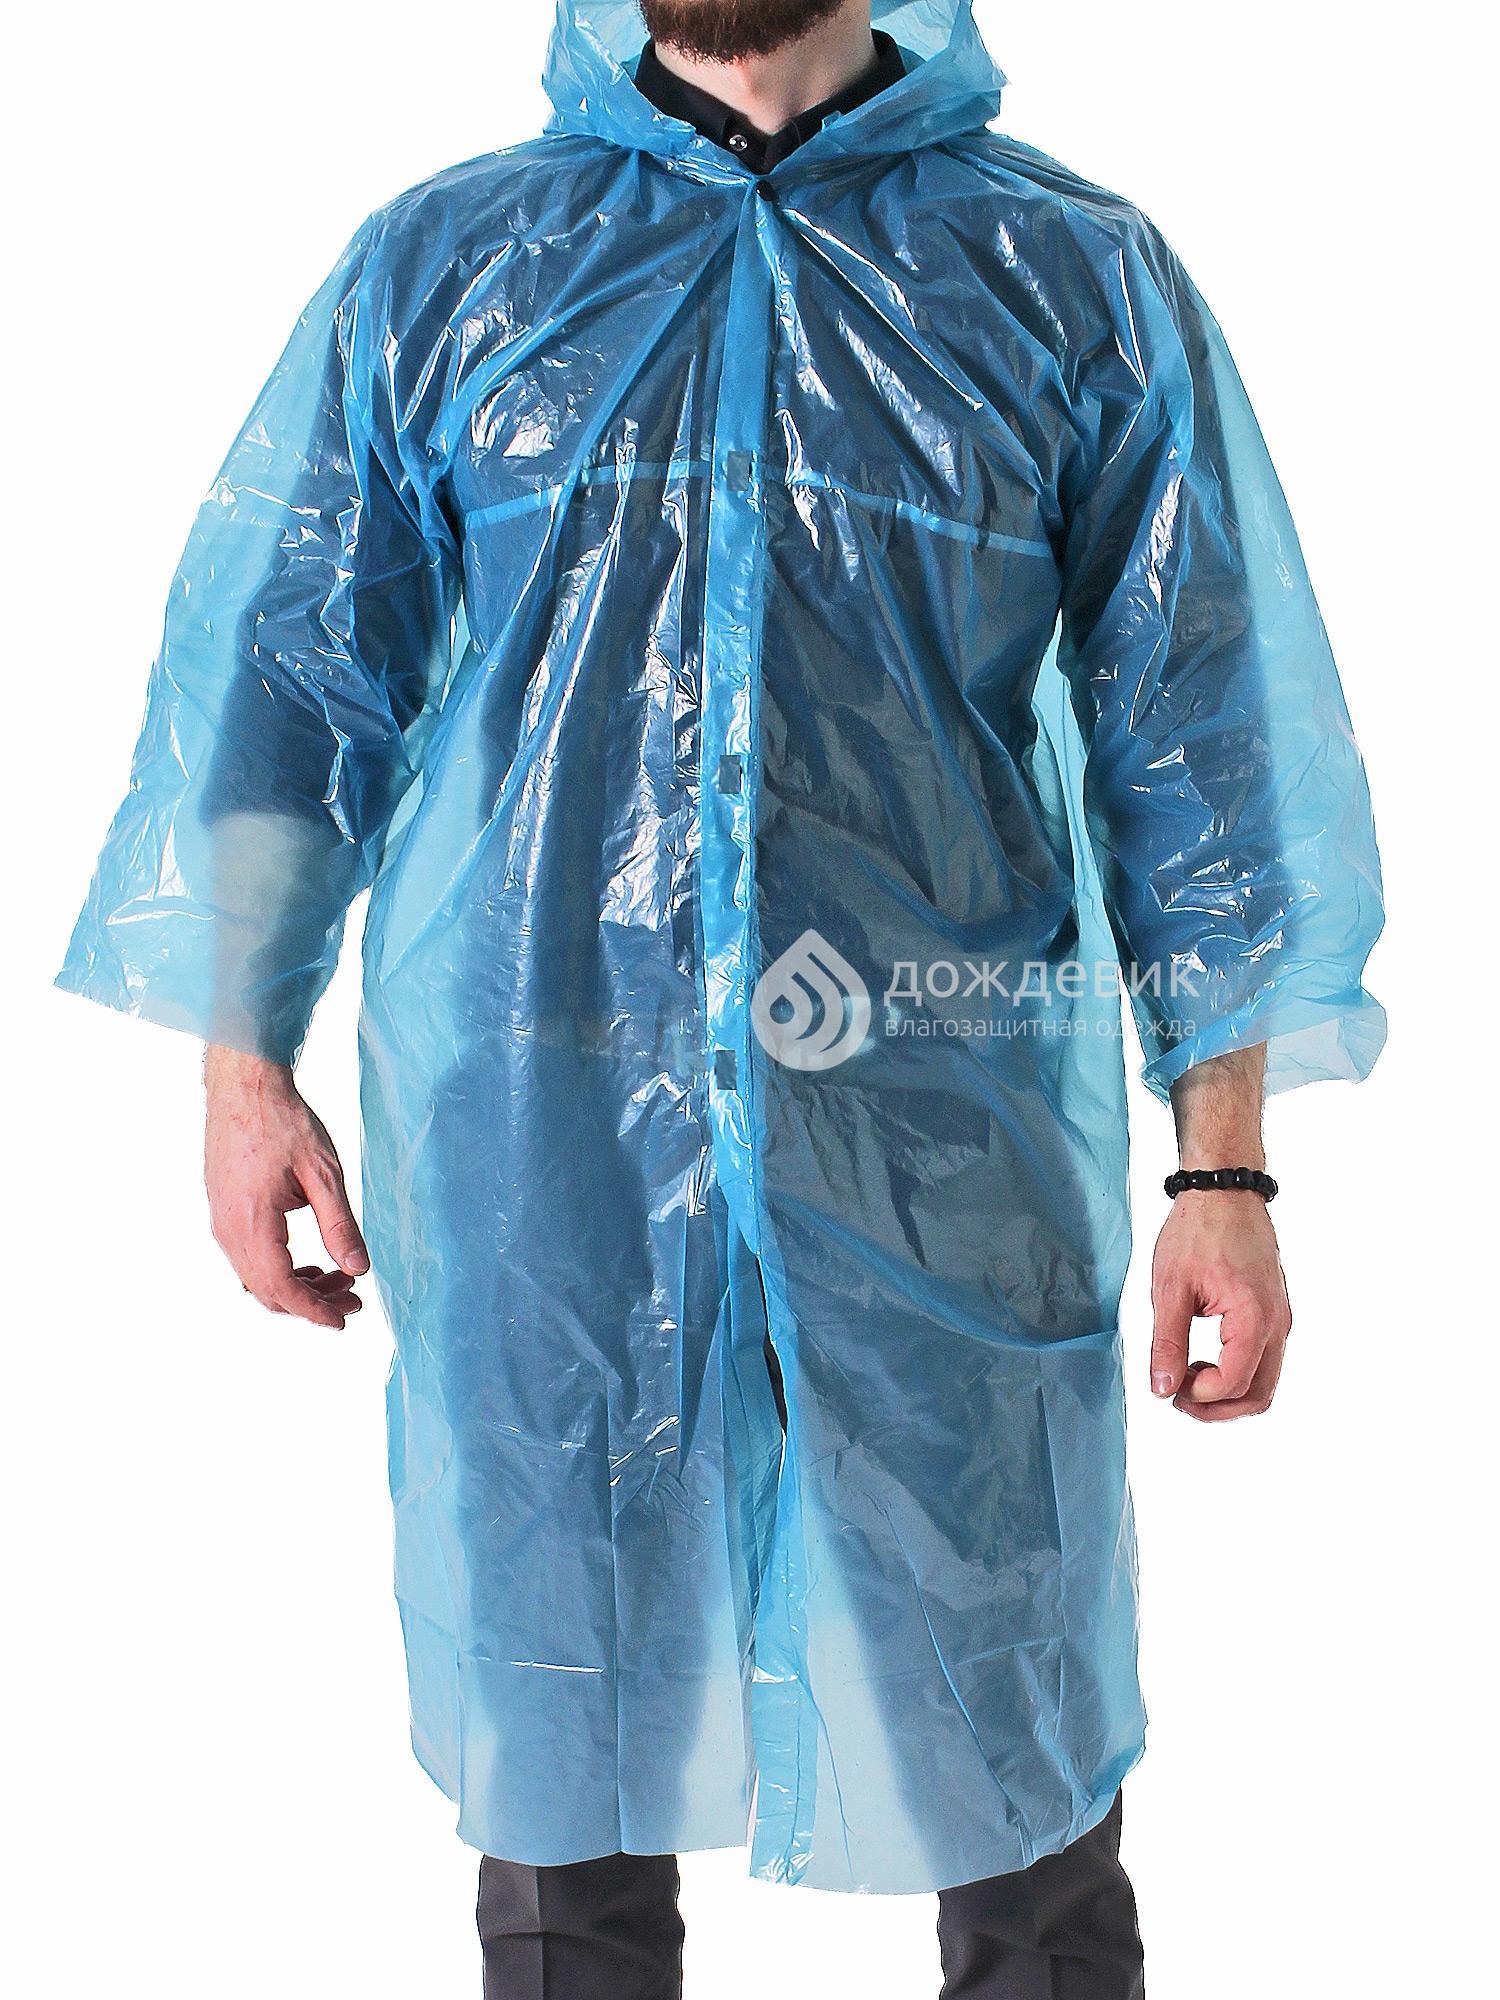 Плащ-дождевик полиэтиленовый на липучках голубой